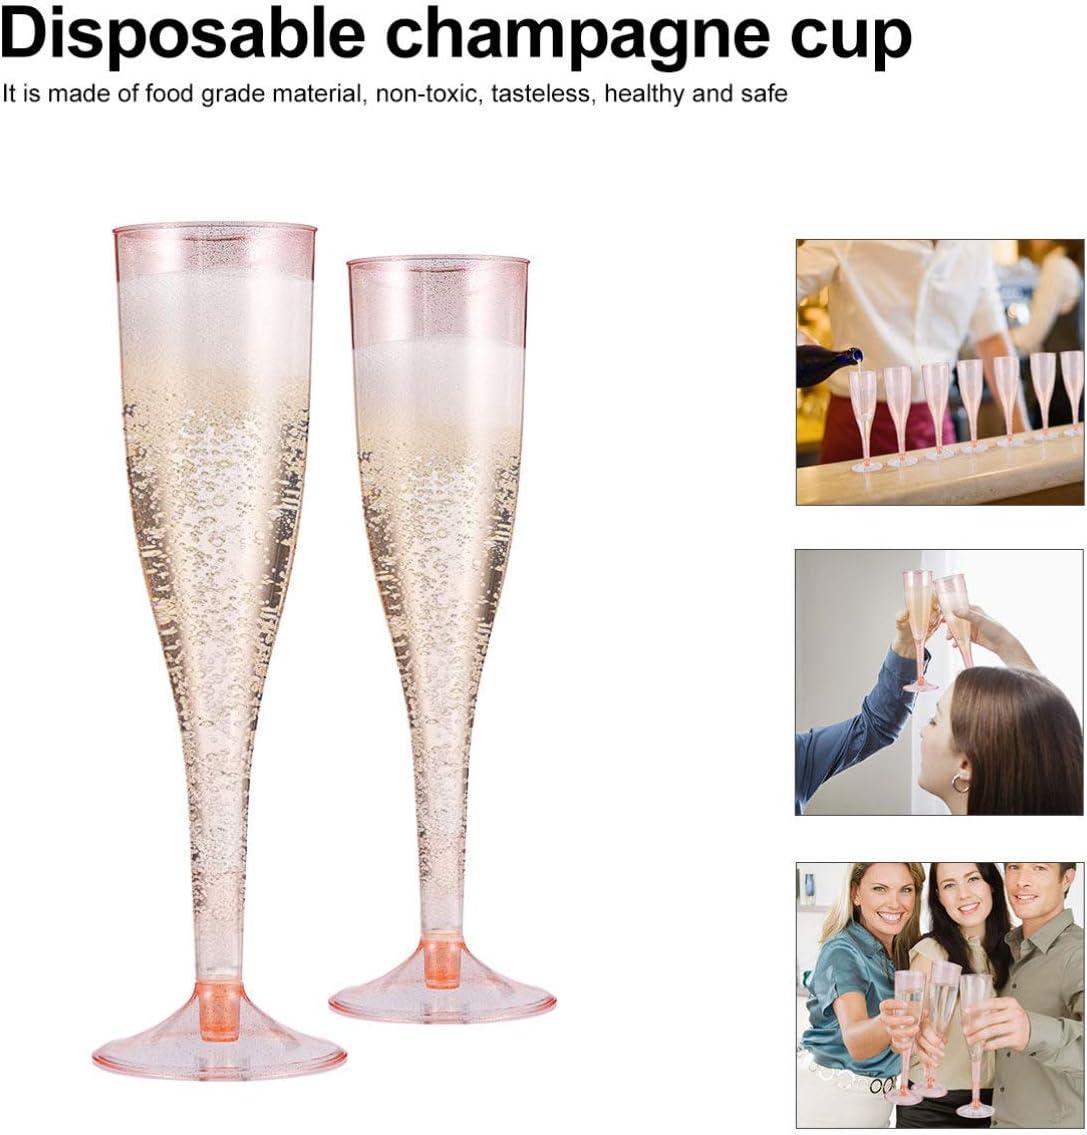 matrimoni Hakka usa e getta in plastica 30 calici da champagne in plastica per feste